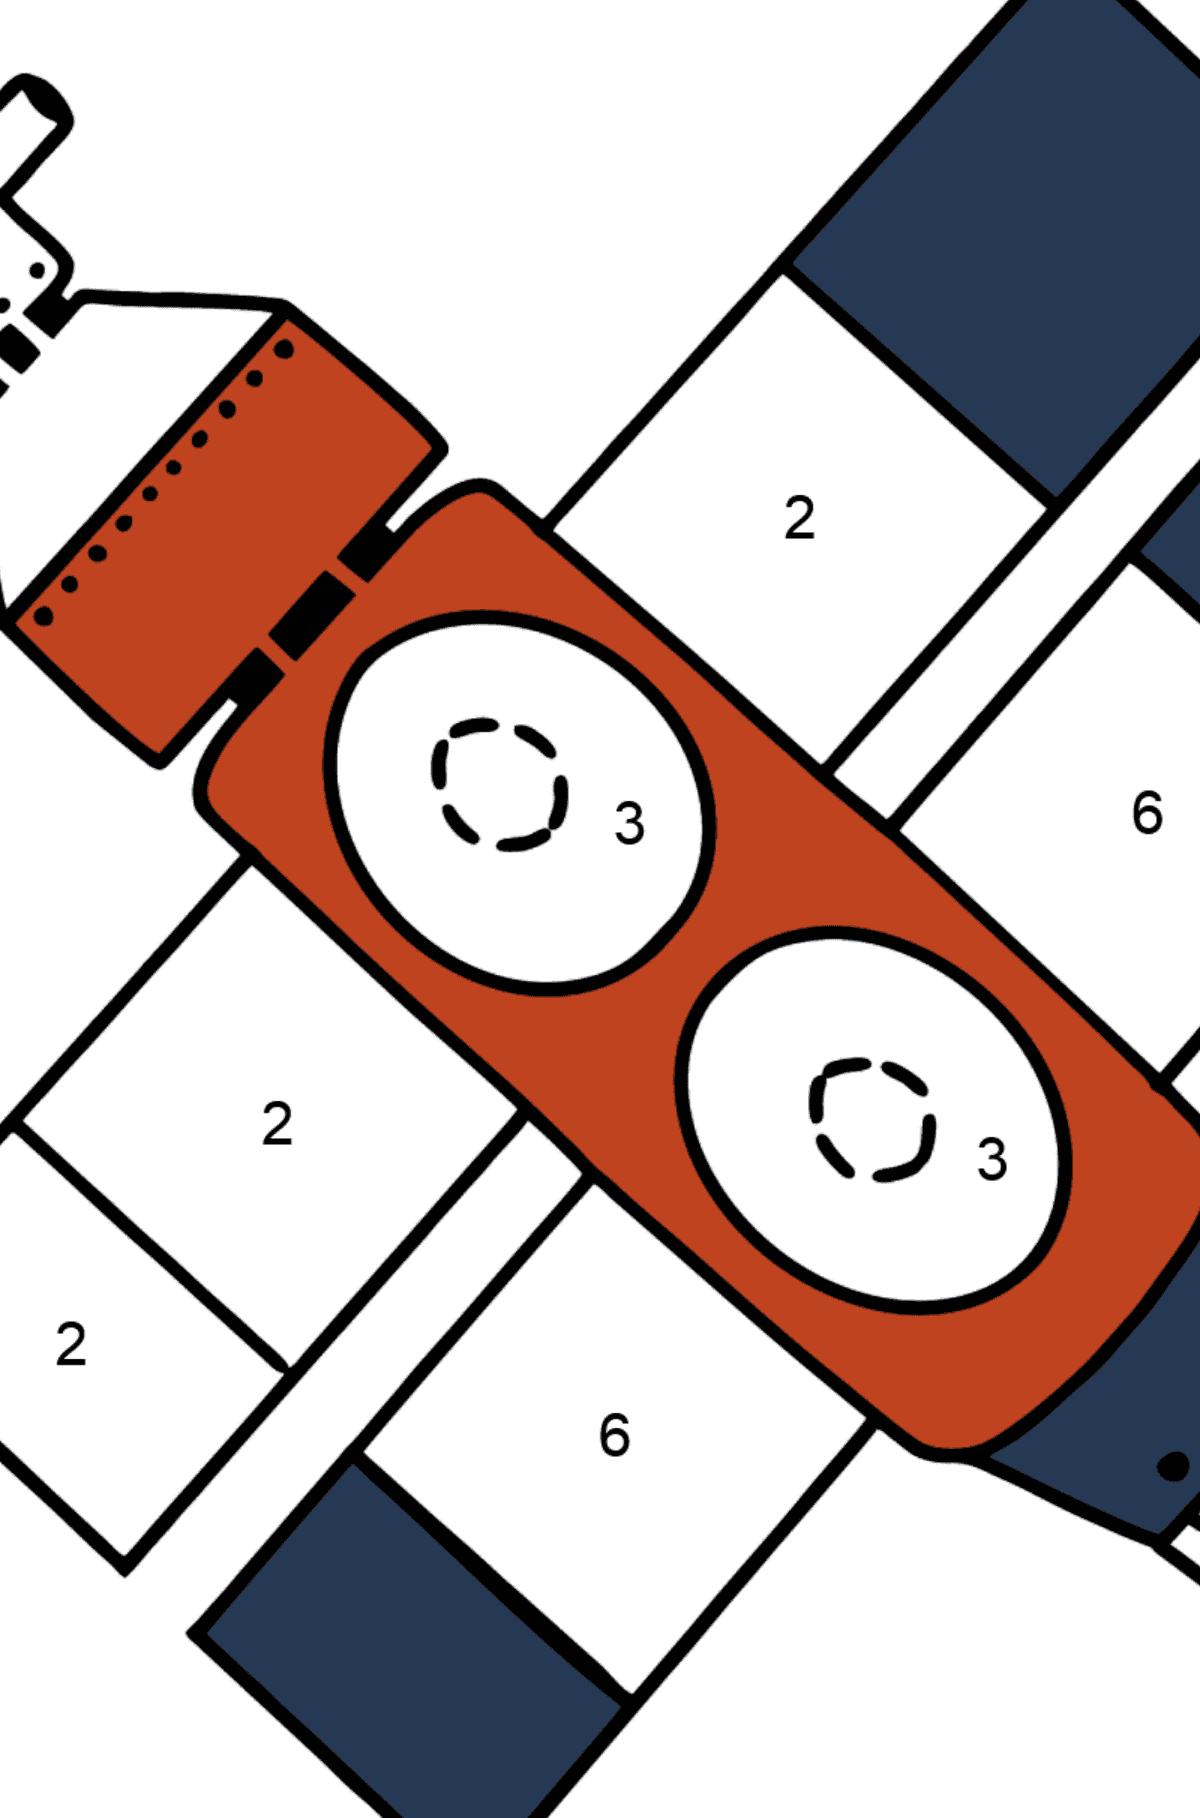 Раскраска космический корабль - Раскраска по Номерам для Детей